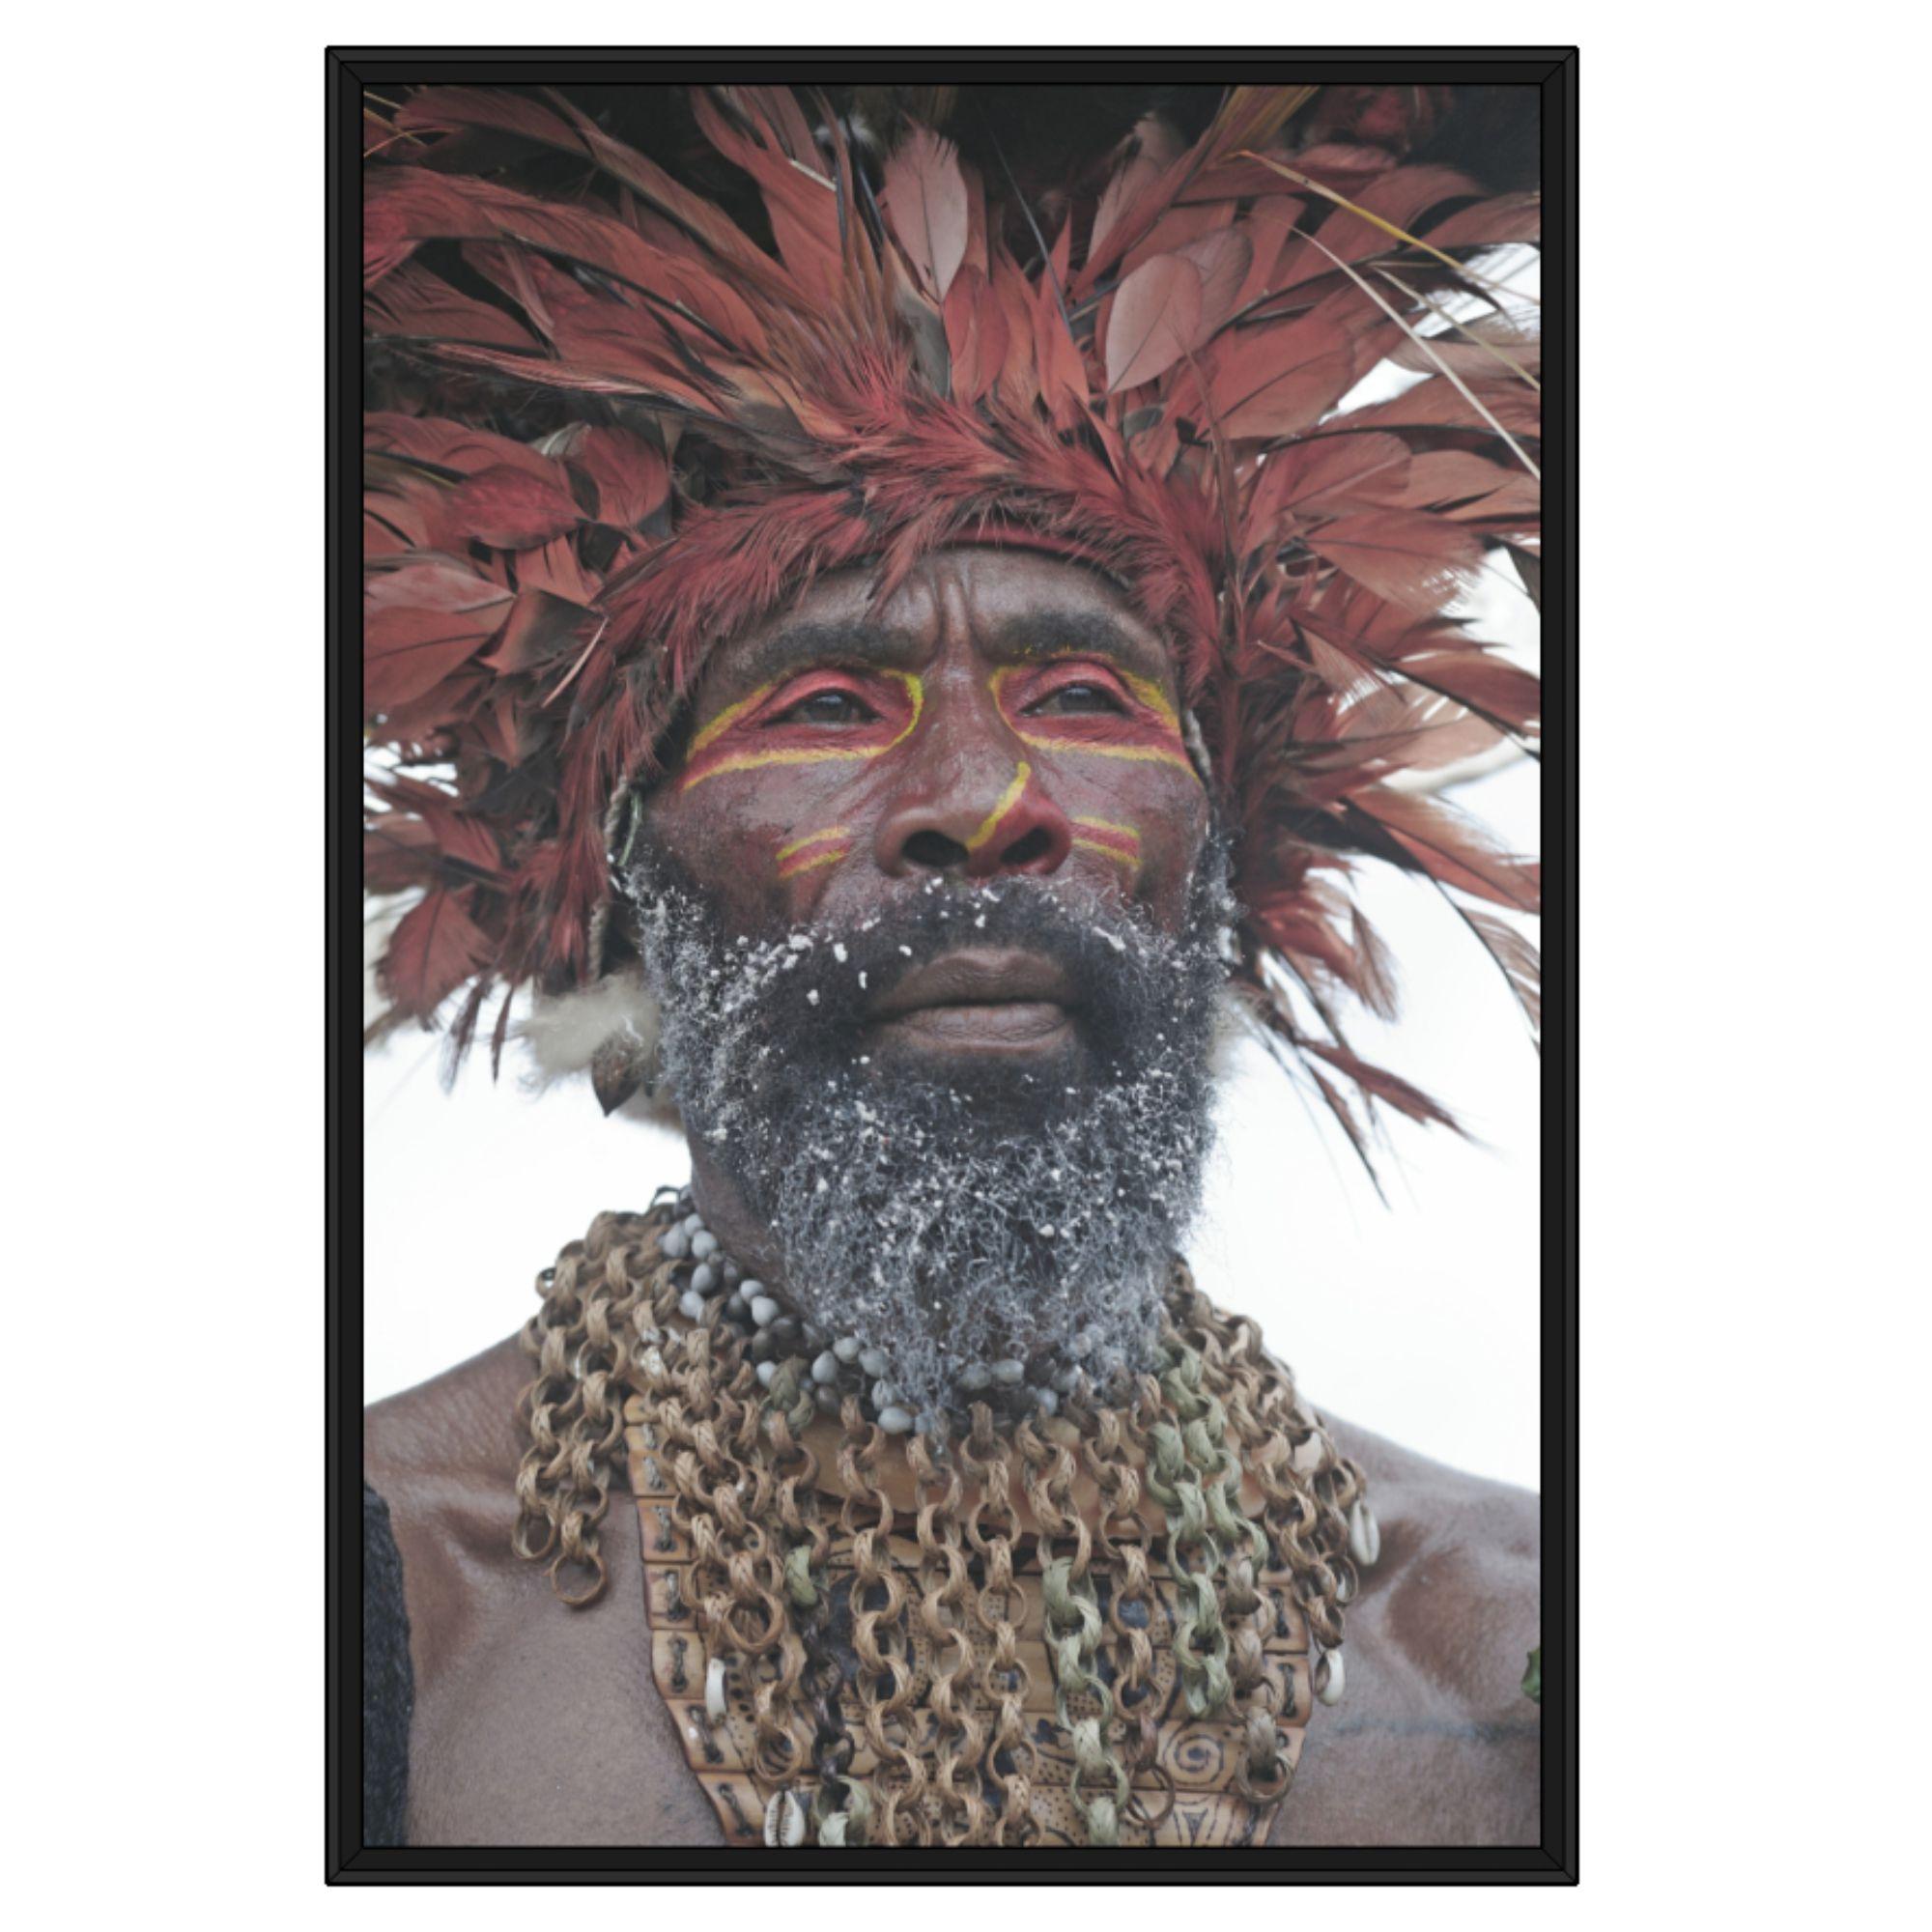 Quadro Decorativo com Fotografia de Índio